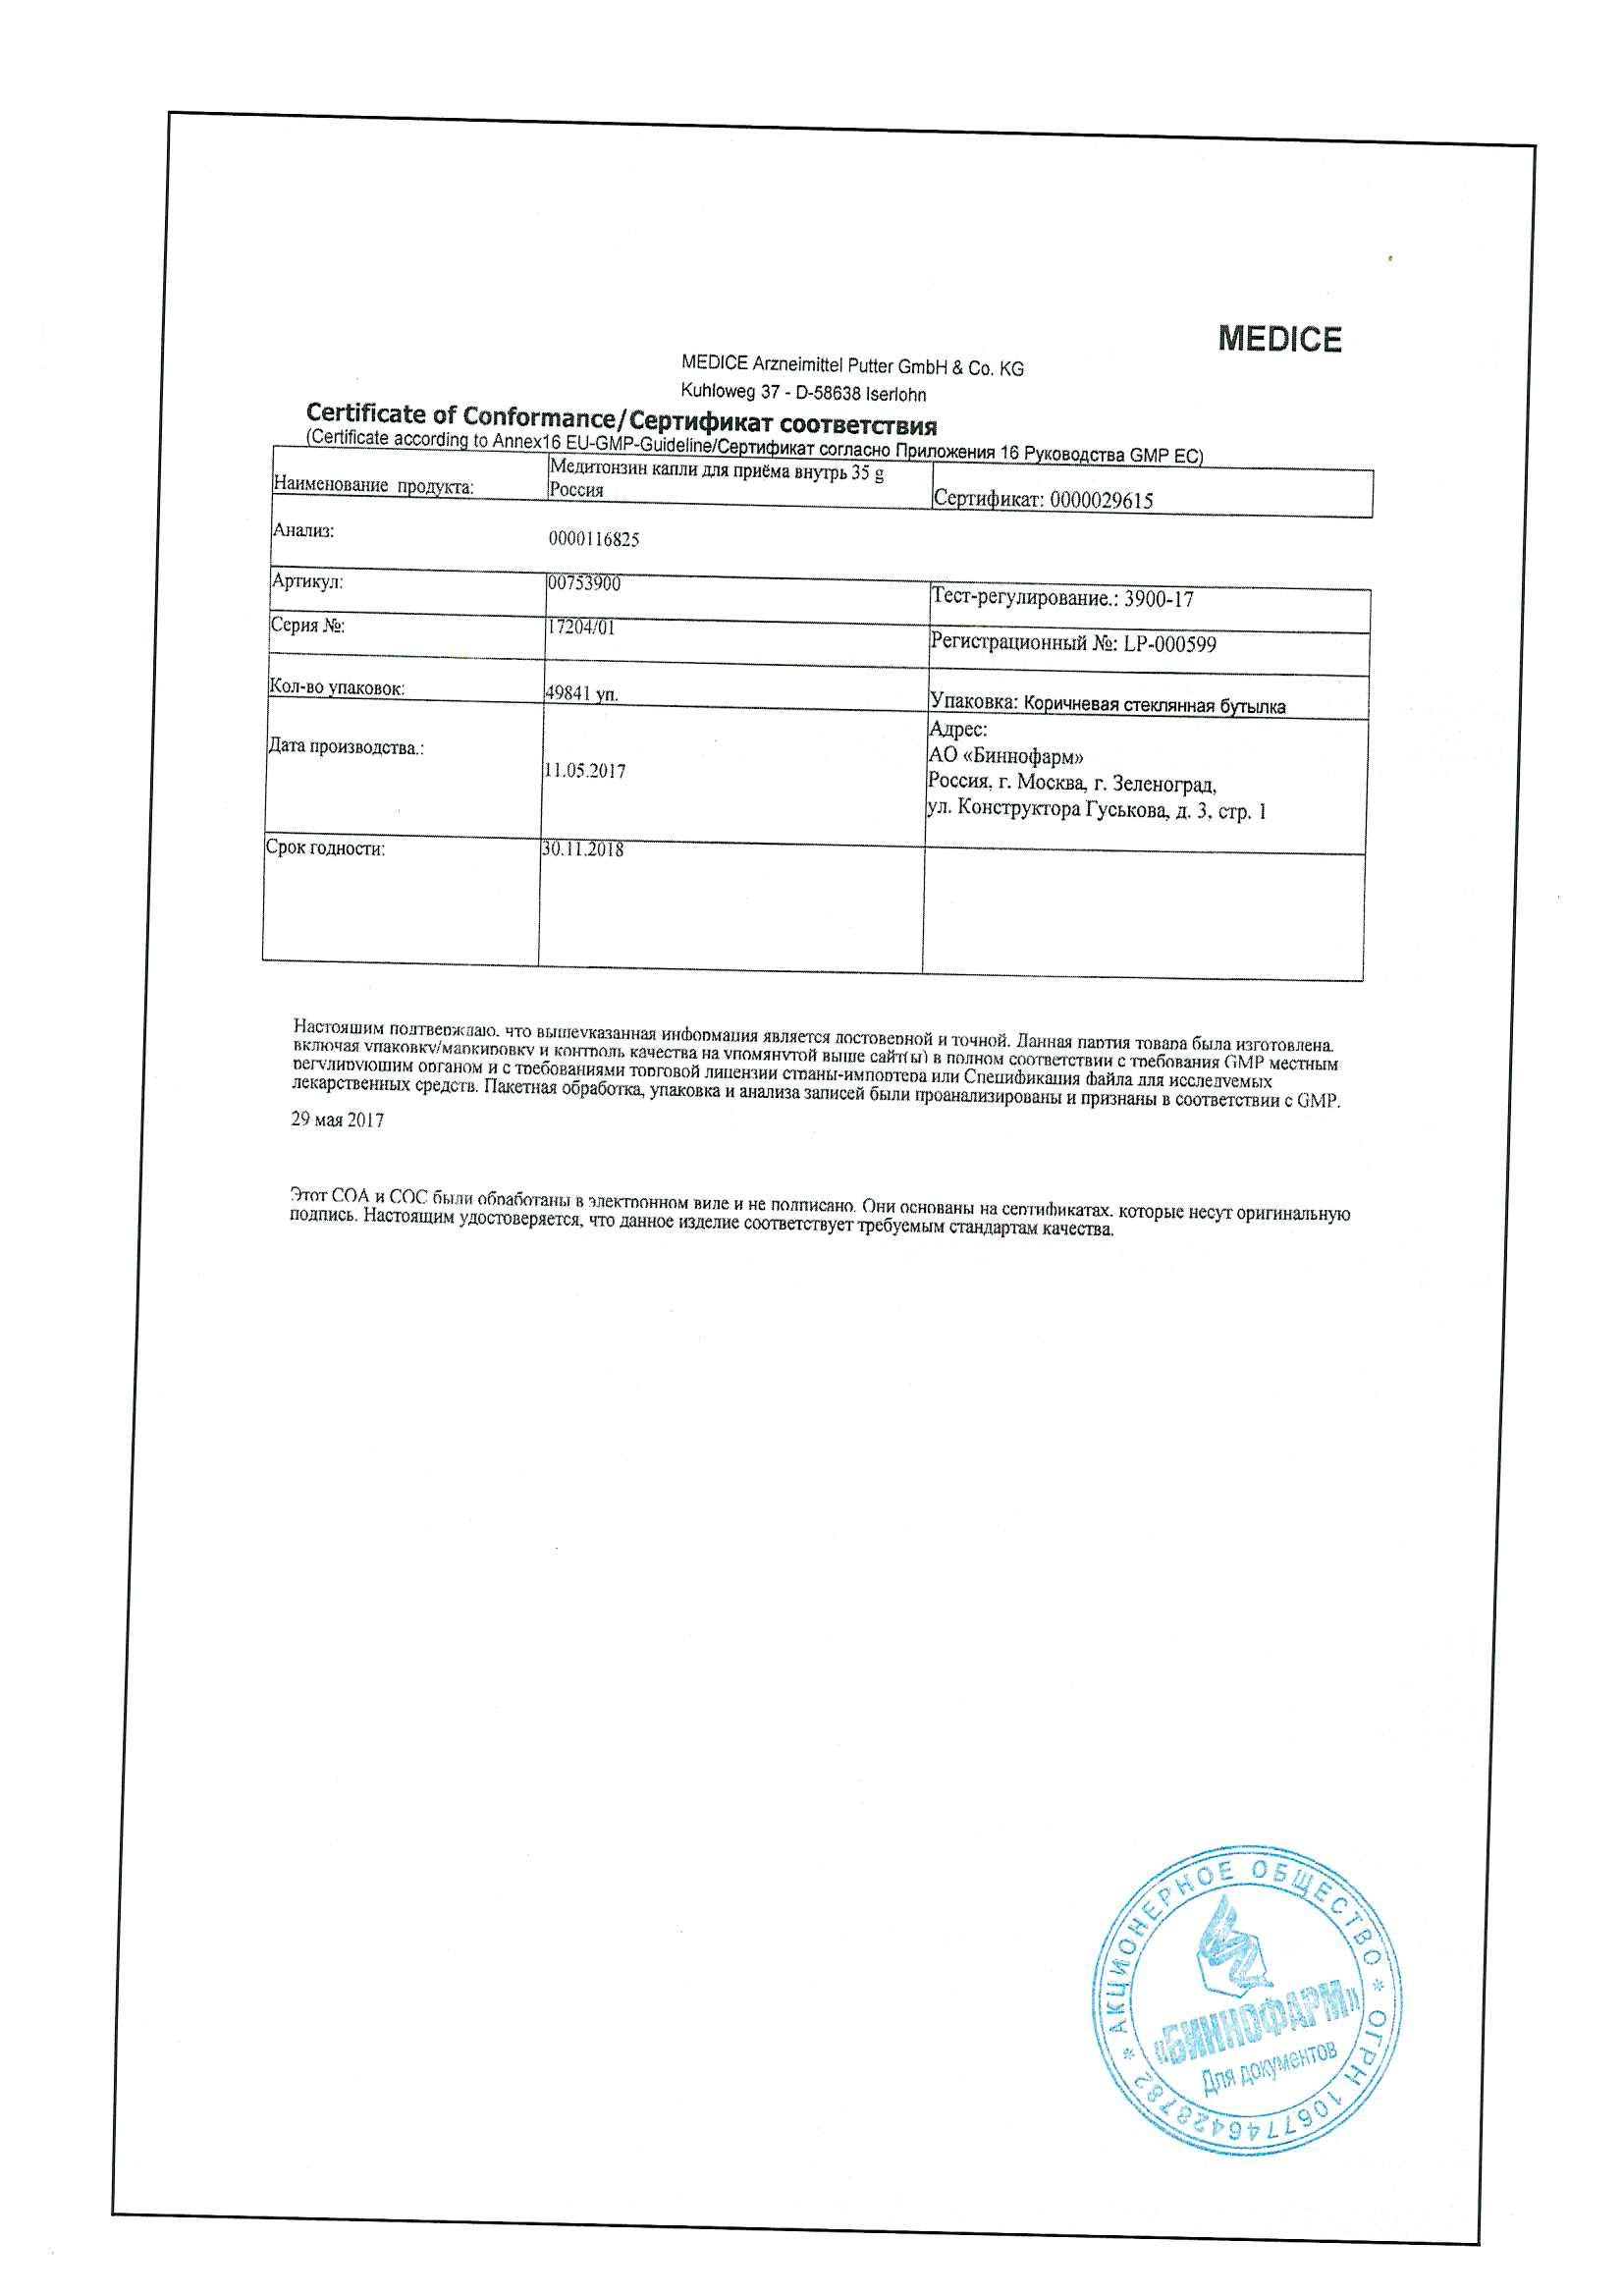 Медитонзин — инструкция по применению, дозы, состав, описание, побочные действия, противопоказания